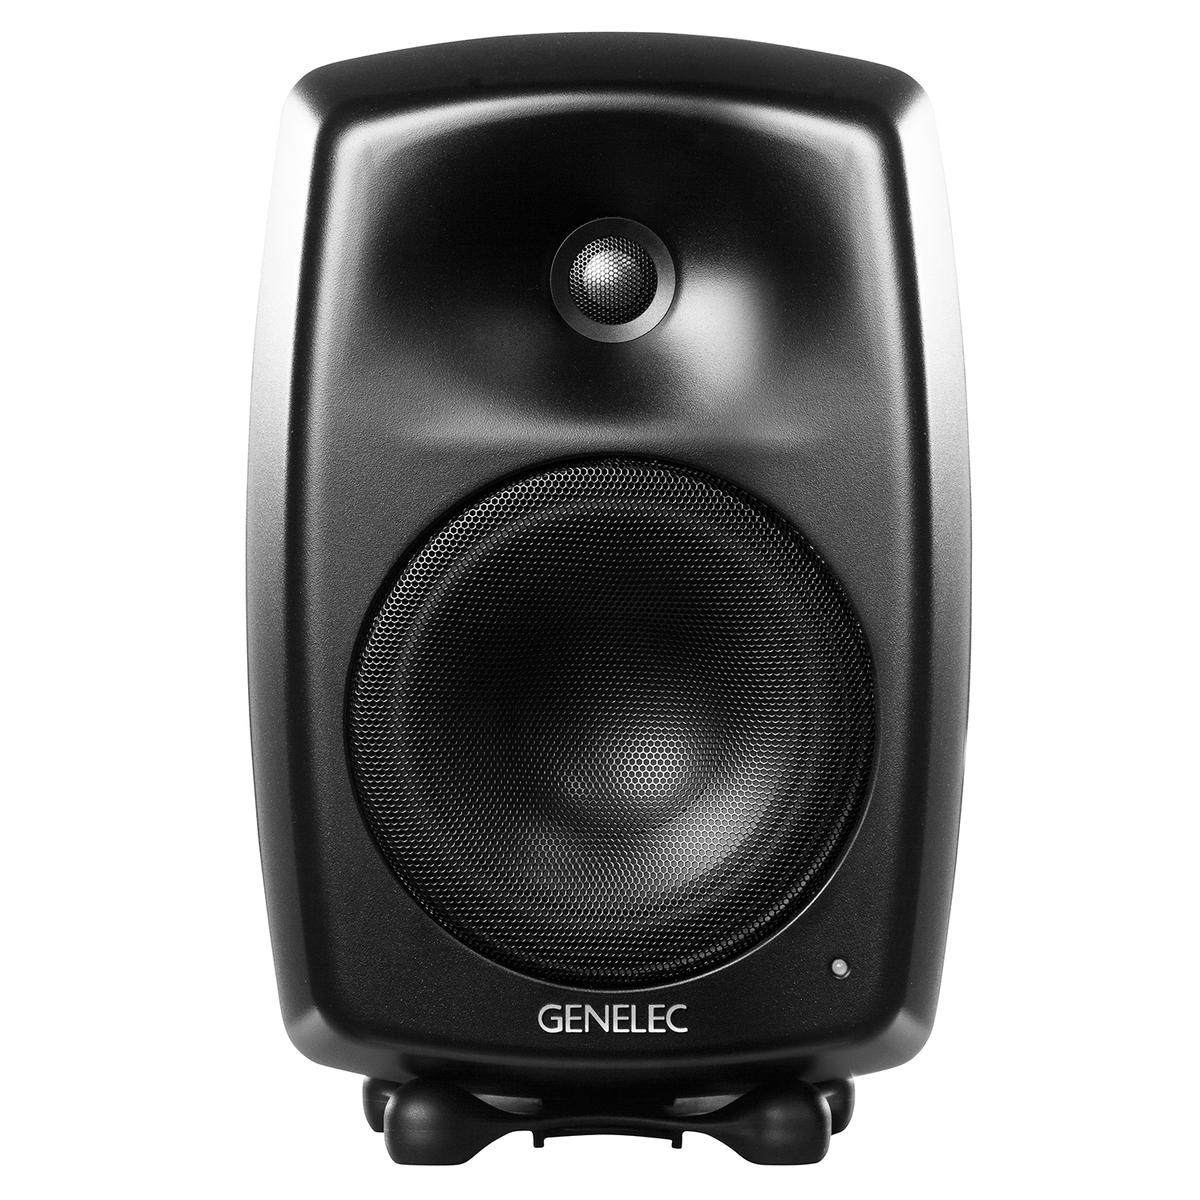 Genelec G Five active speaker, black